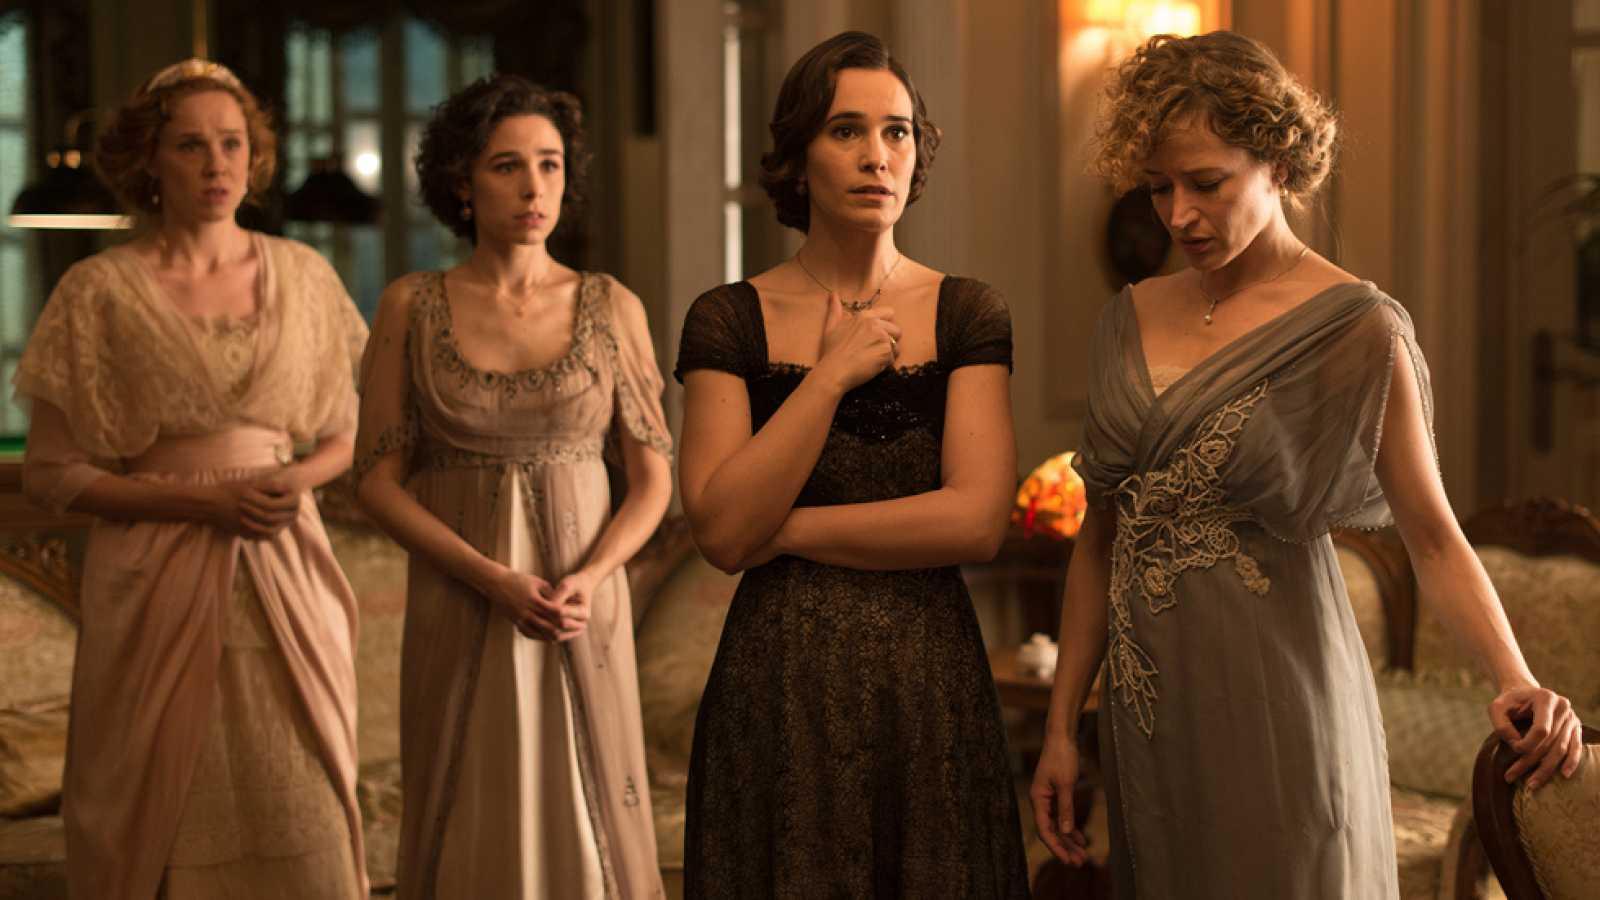 Seis Hermanas - Un terrible acontemiento cambiará la vida de las 'Seis Hermanas'